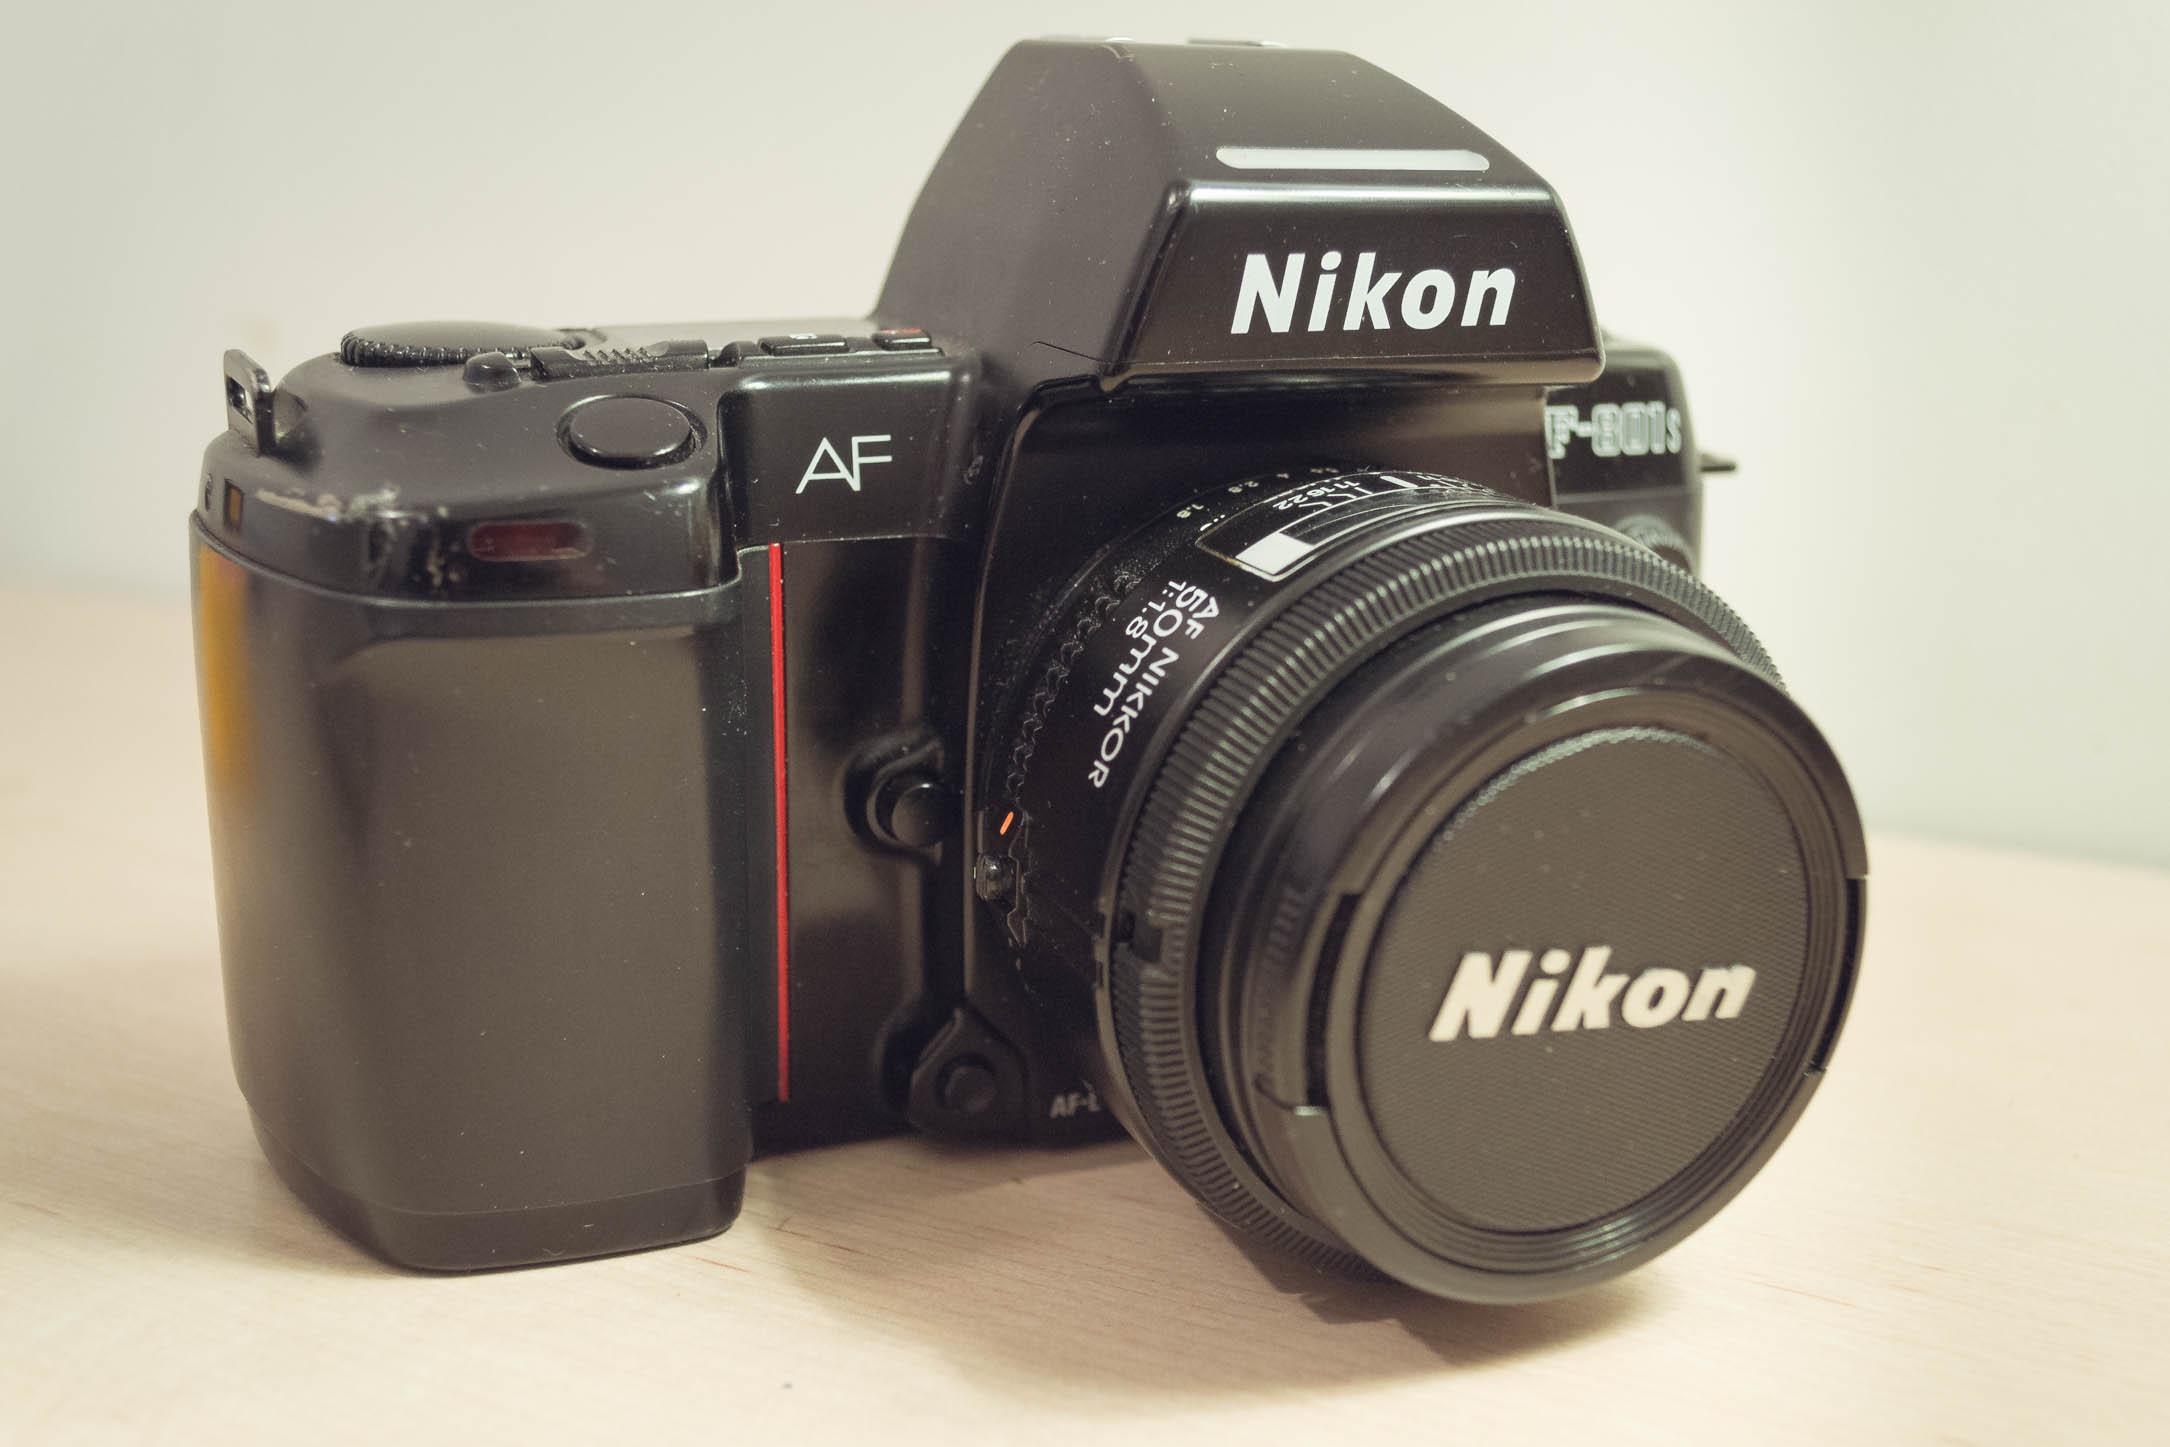 L'appareil argentique Nikon F801s, produit dans les années 90